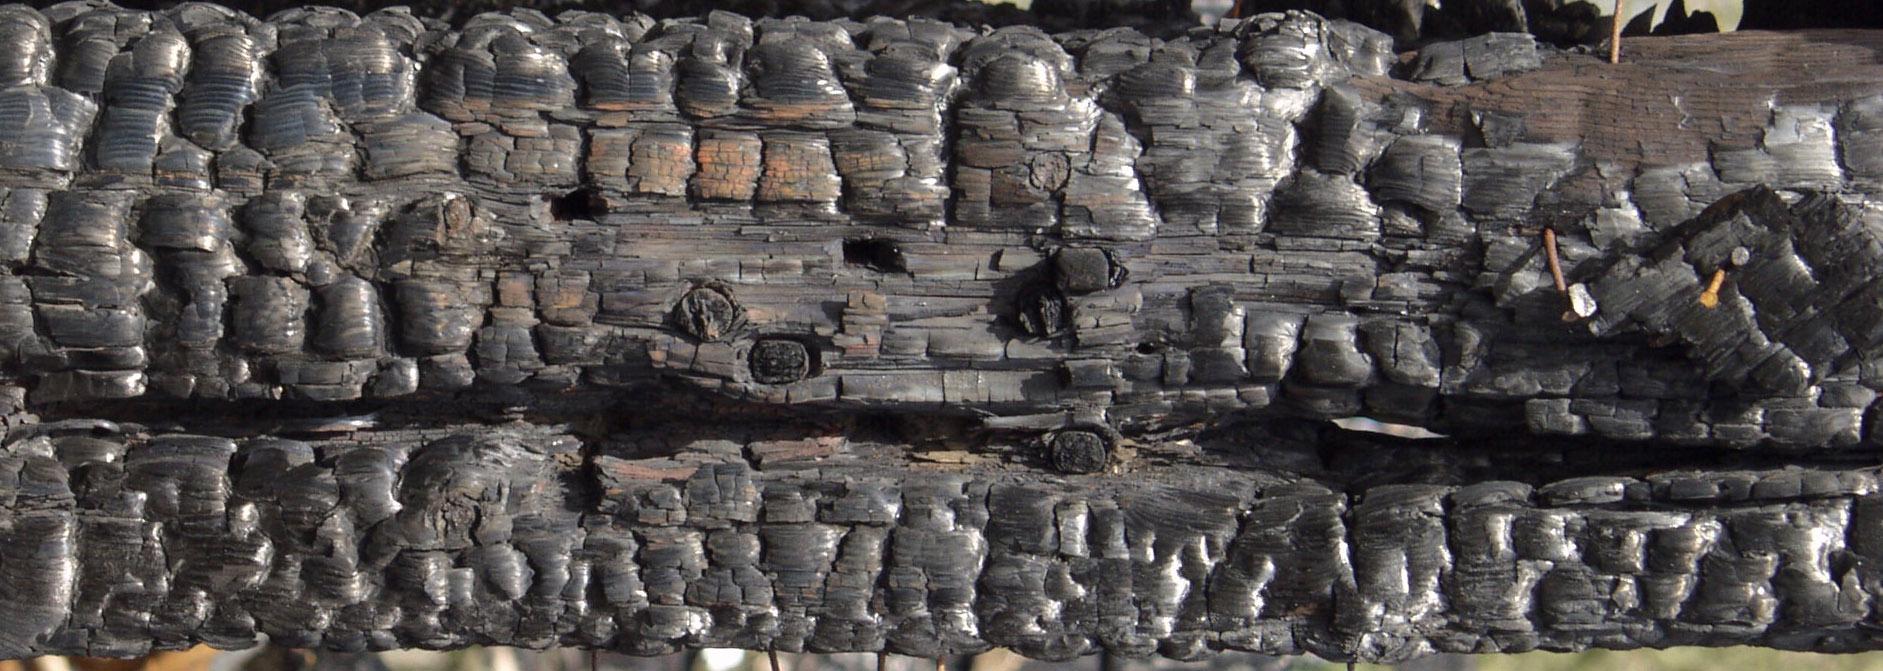 木材-燃烧过的-木梁(1)